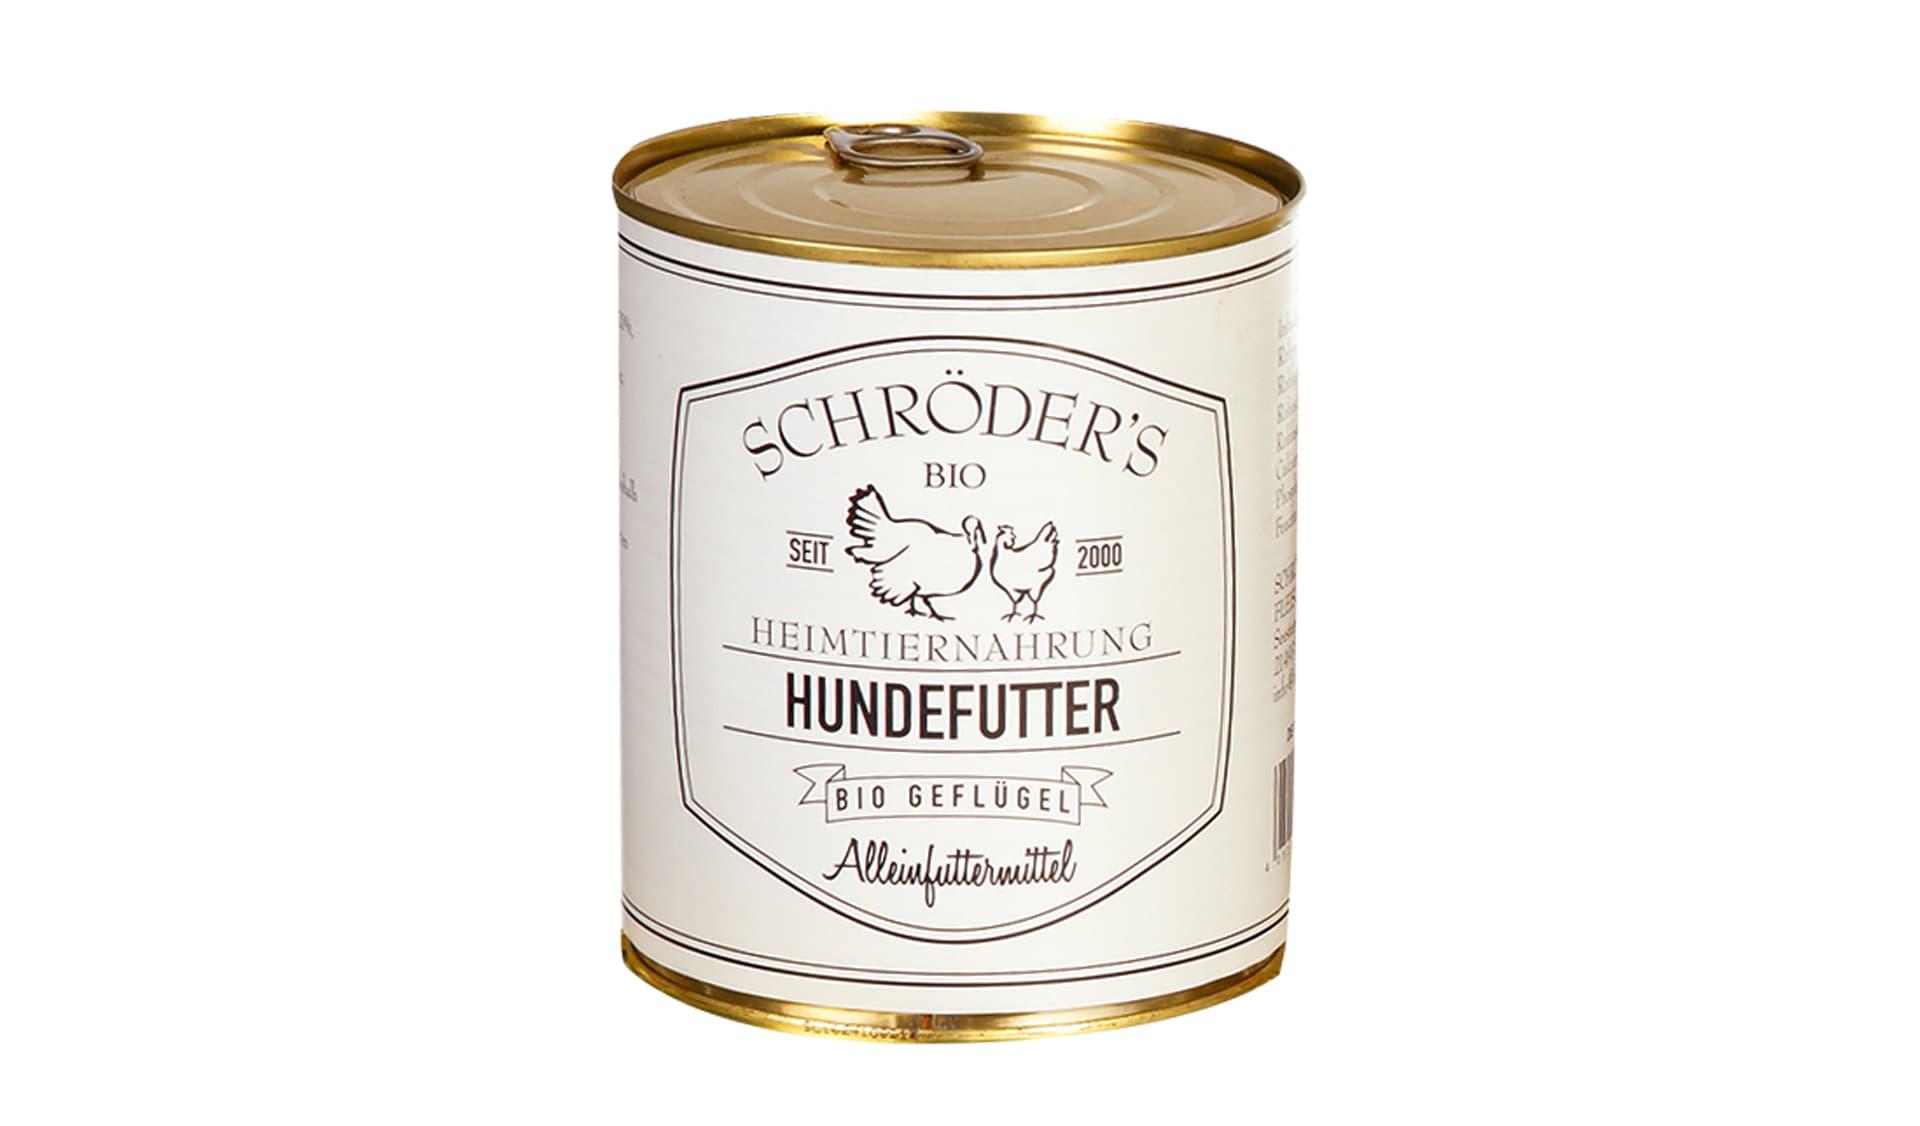 Schroeder's Bio (www.bio-fleischer.de/sortiment/heimtiernahrung.php) Hundefutter Bio Geflügel